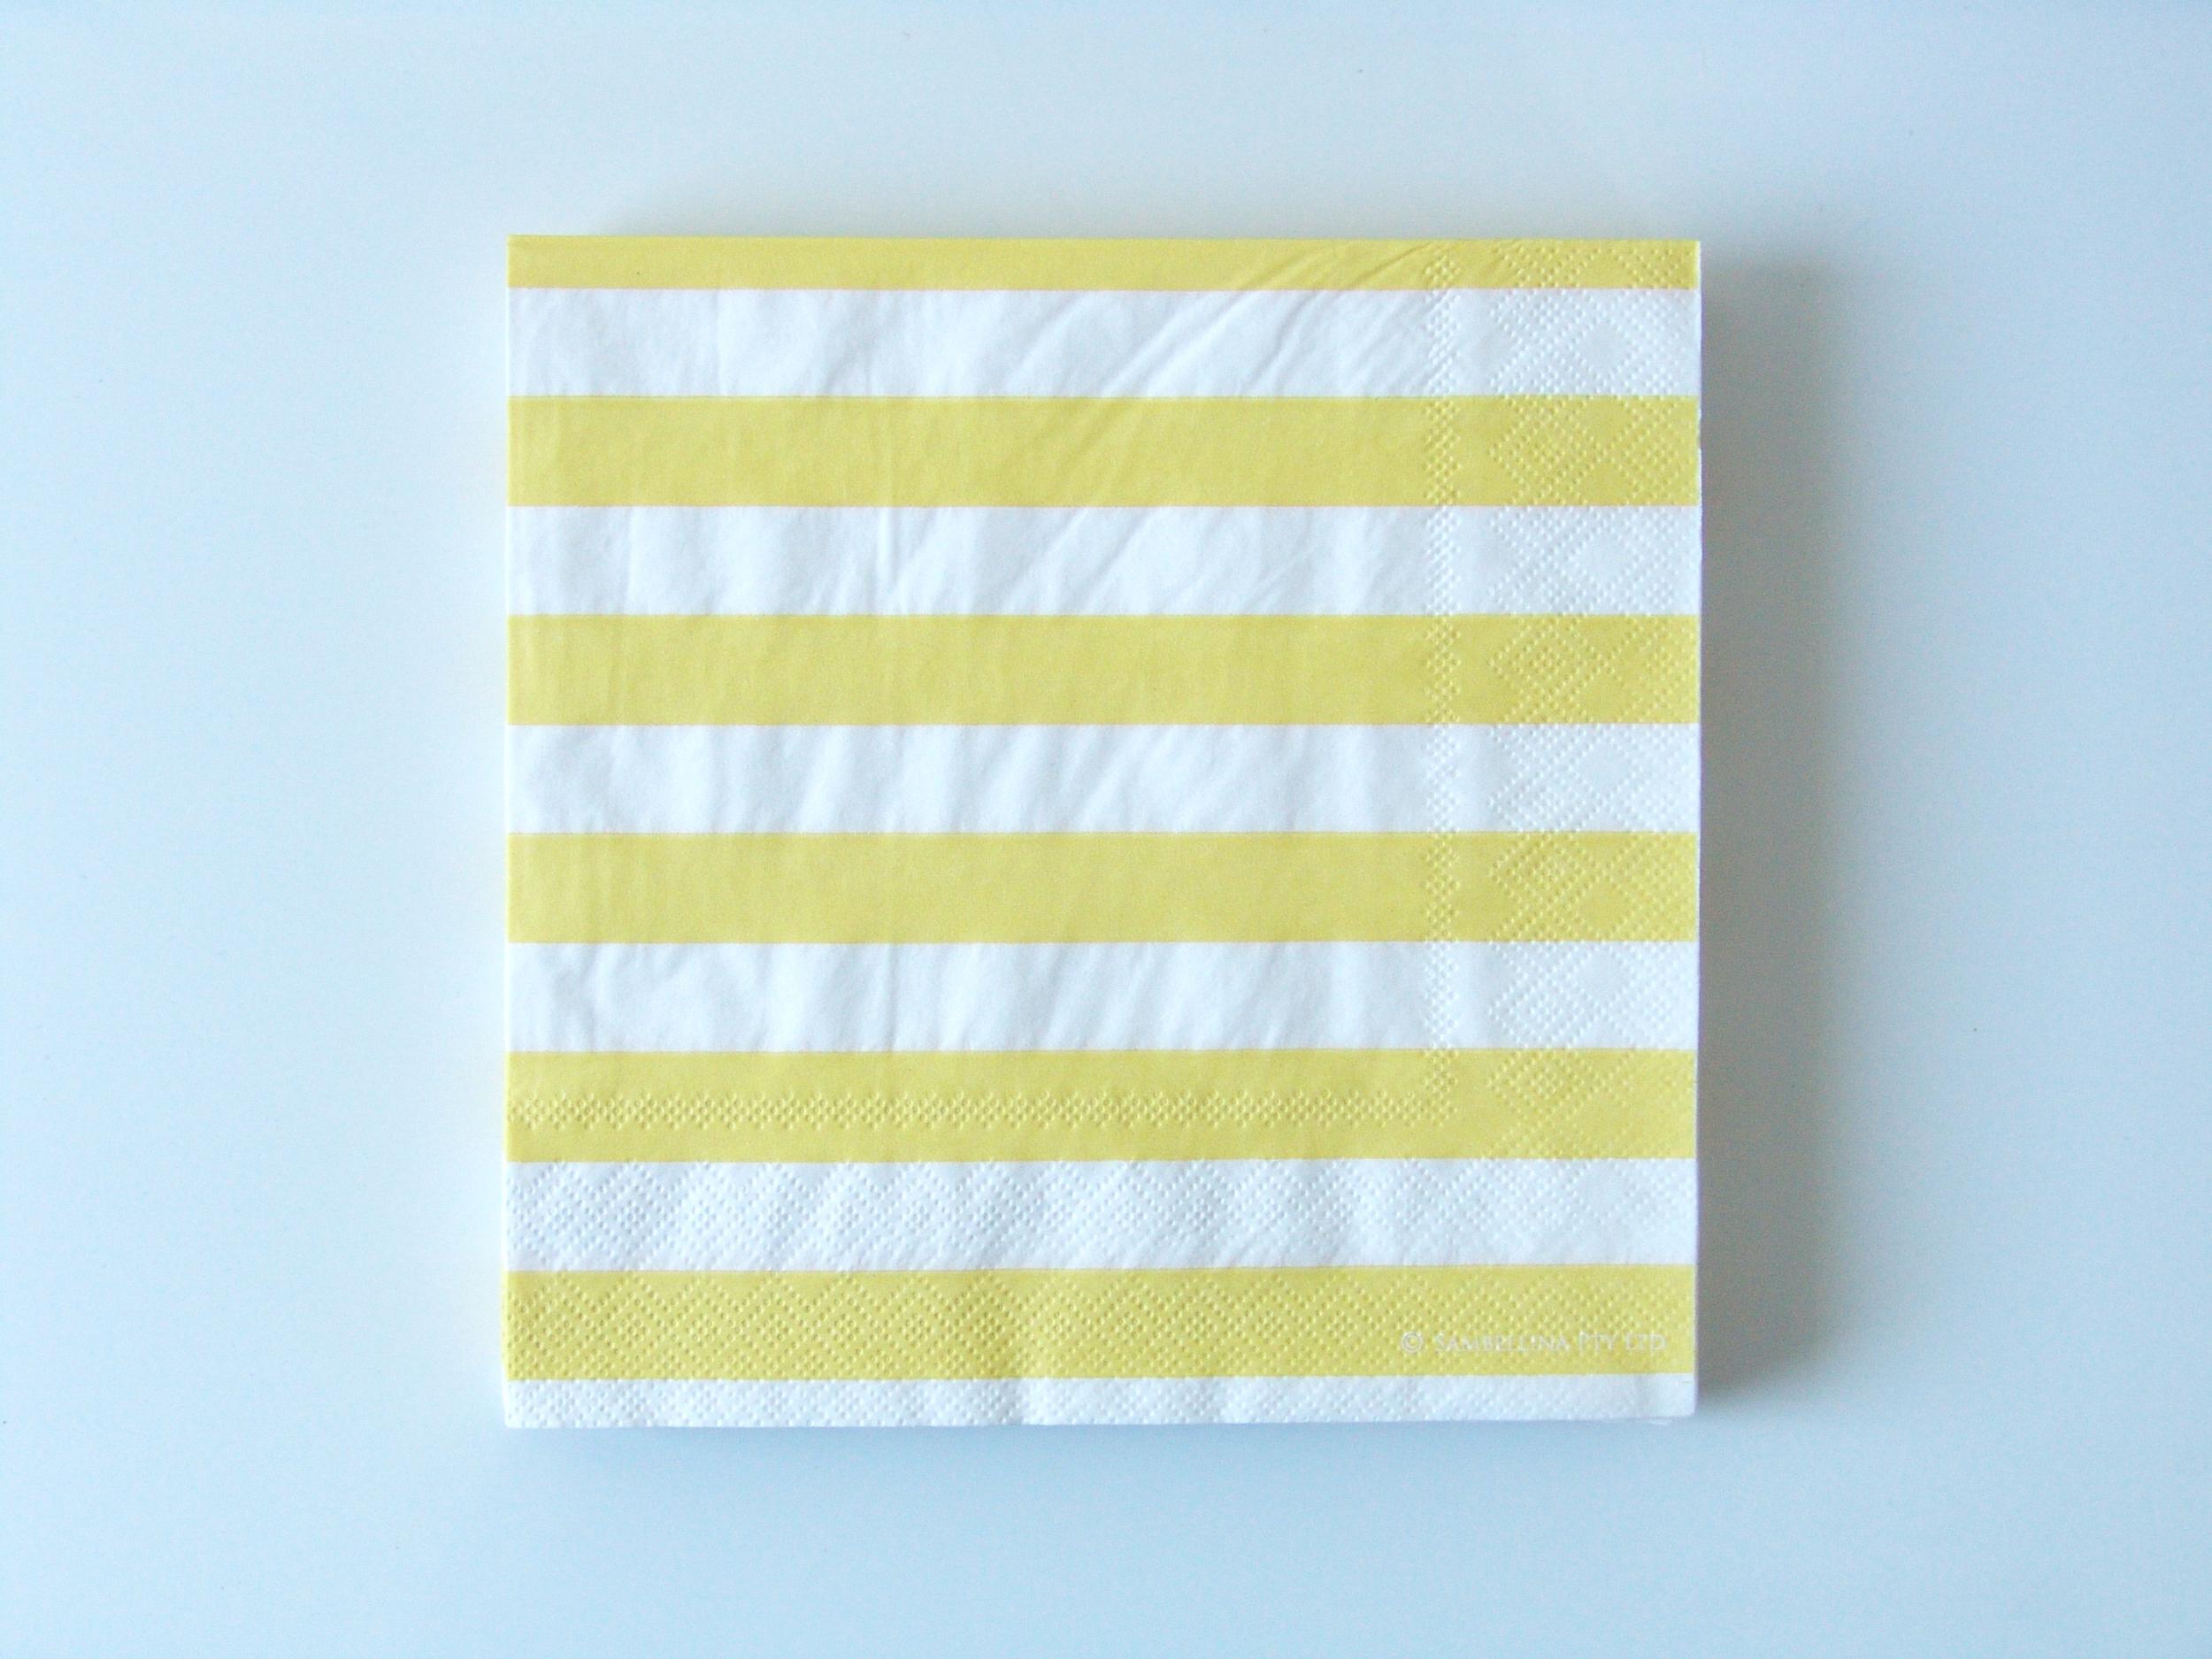 Serviette jetable papier rayures jaune sambellina achat vente - Serviette de table jetable ...